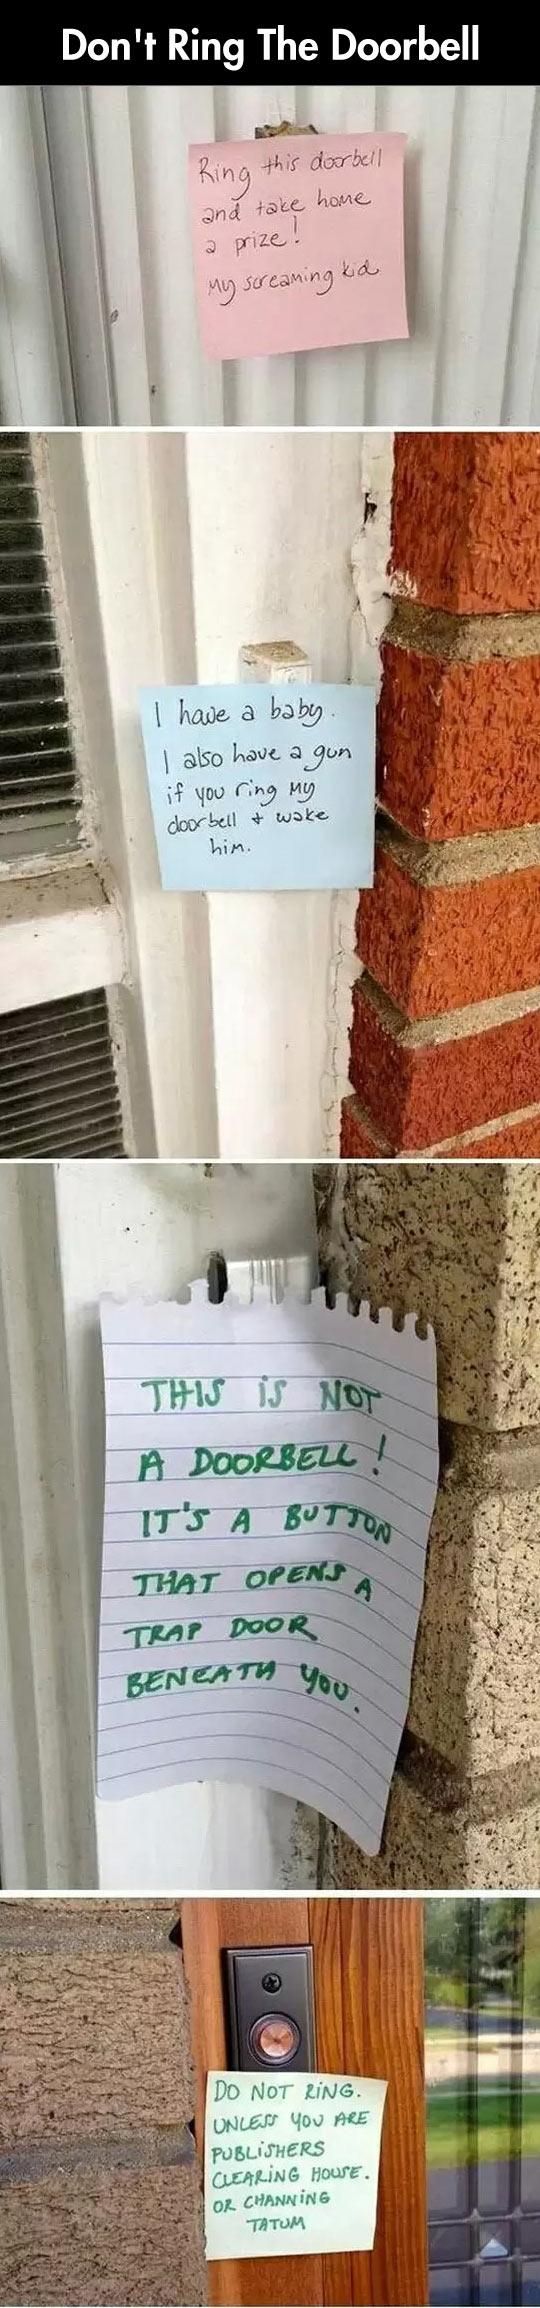 funny-doorbell-notes-threats-prank